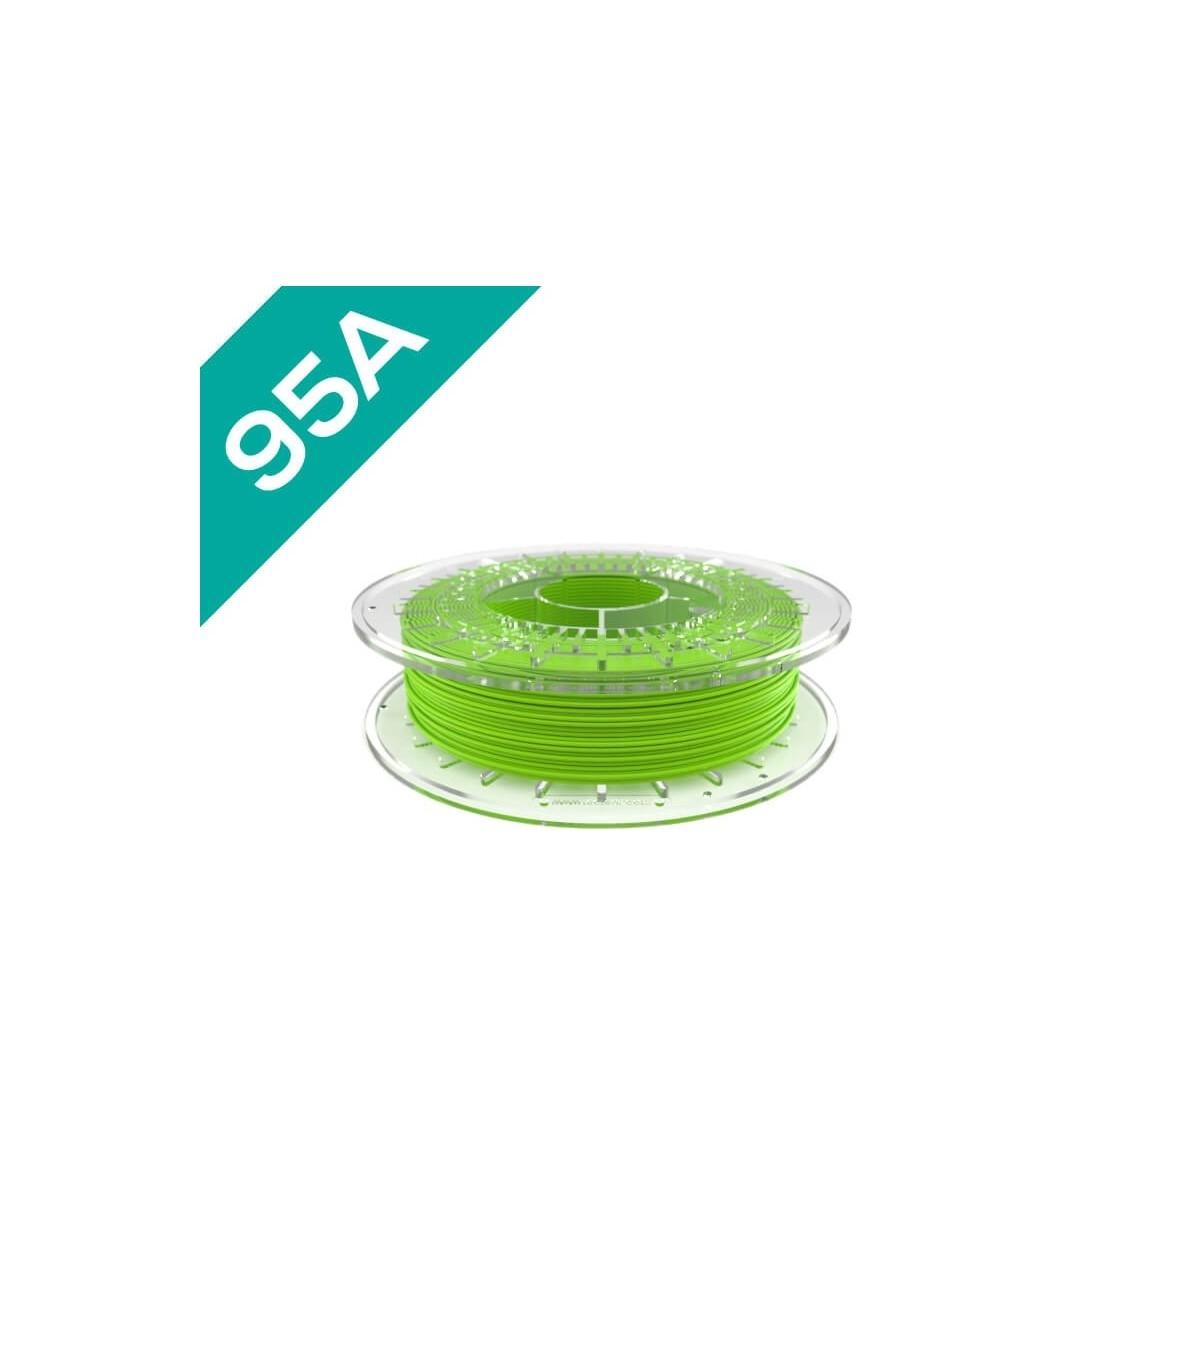 FilaFlex Green 95A PLA Filament 1.75 mm 0.5kg